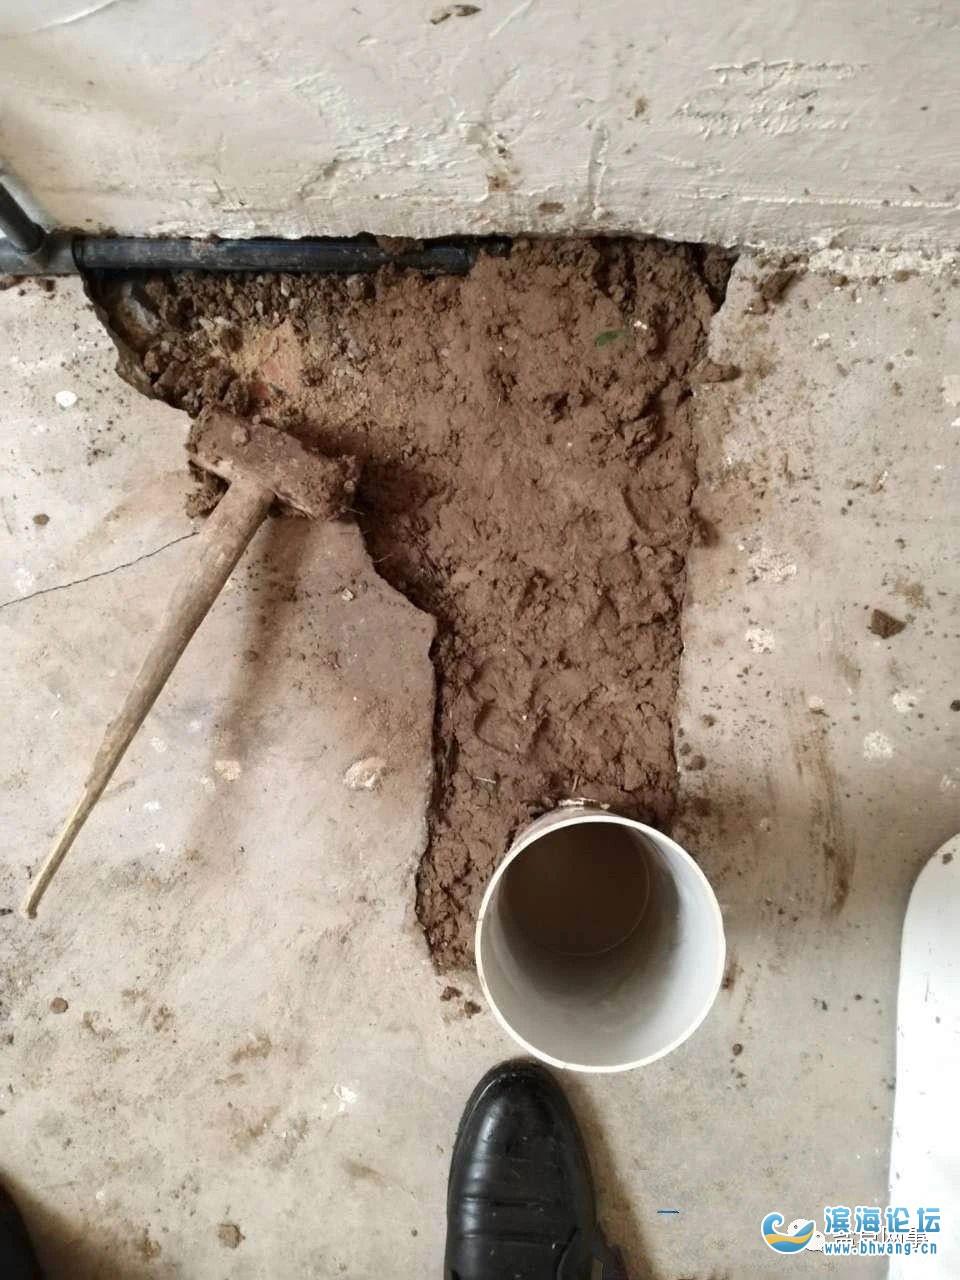 盐城一农村厕所改造被指偷工减料,豆腐渣!国家专项补贴进了谁的口袋?